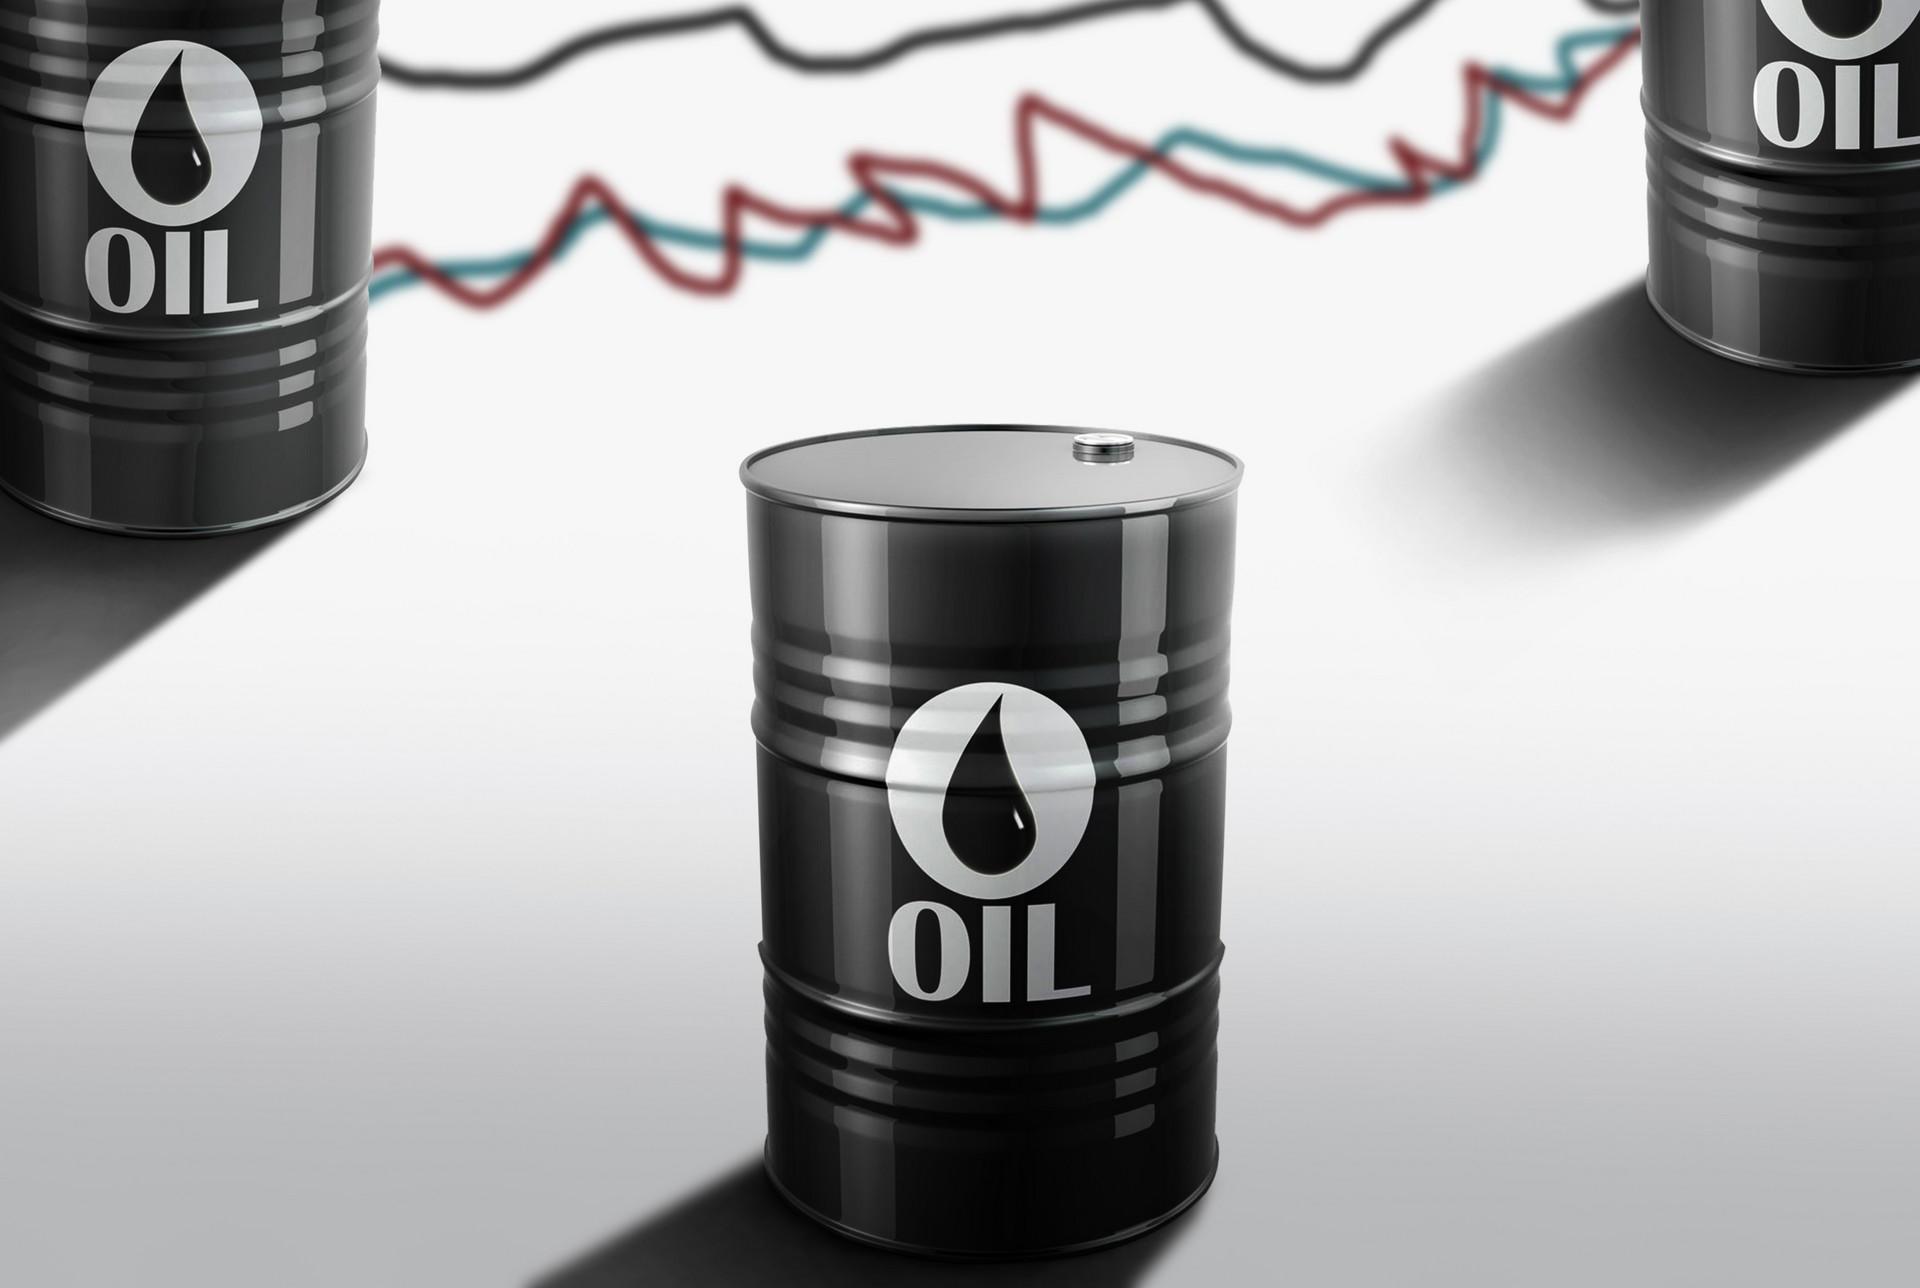 关注国际原油最新价格,理解原油投资的特点!